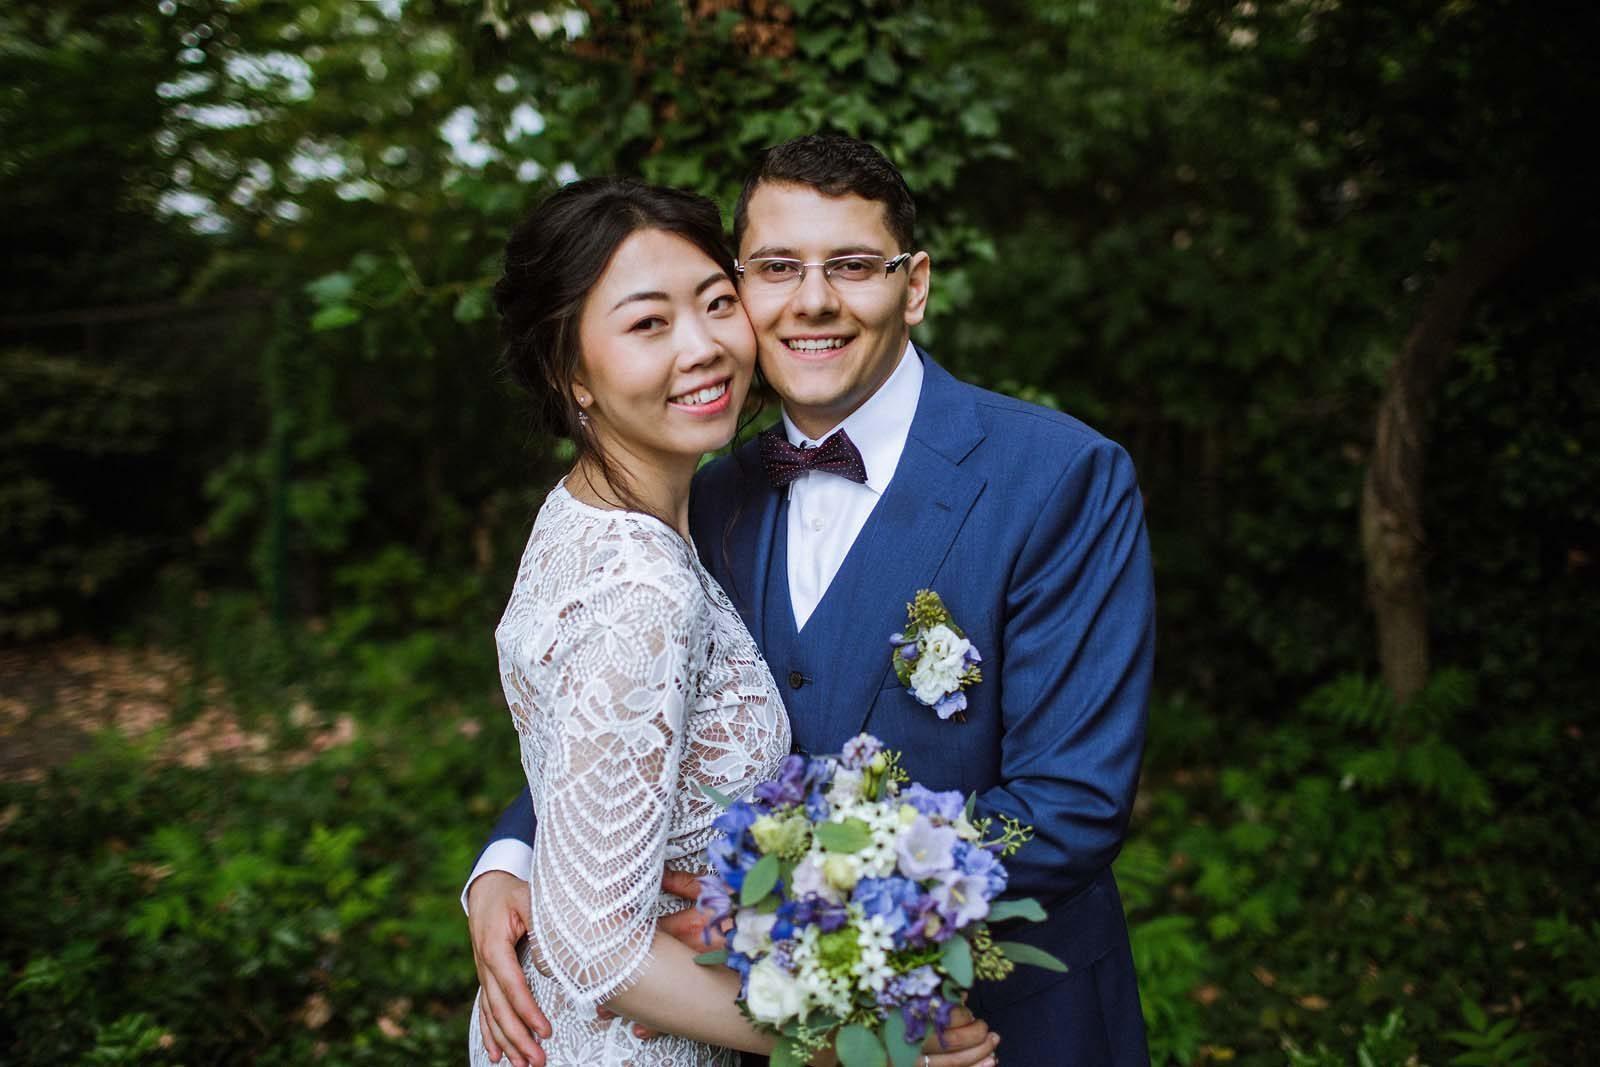 Hochzeitsfotograf Berlin beim Fotoshooting mit einem Brautpaar an der Villa Kogge